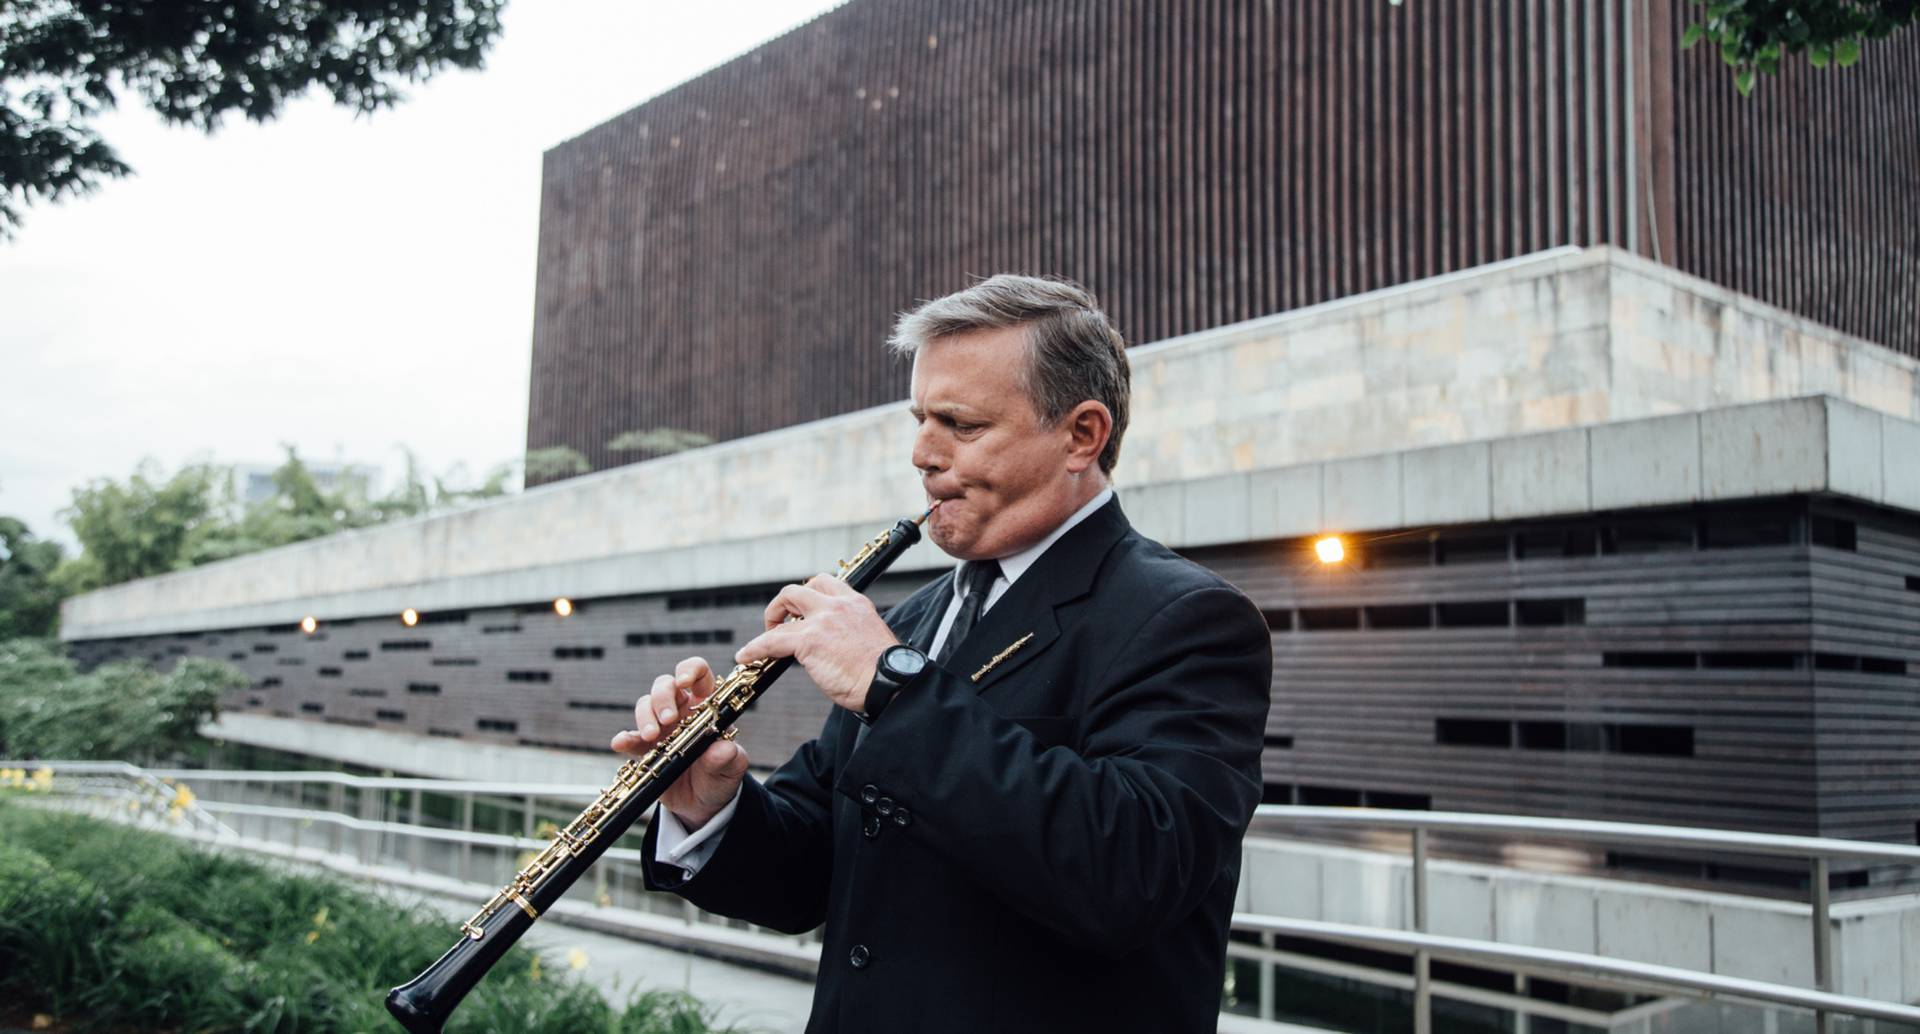 Jaime Martínez es maestro en oboe y hace parte de la Orquesta Filarmónica de Medellín desde el año 2015.